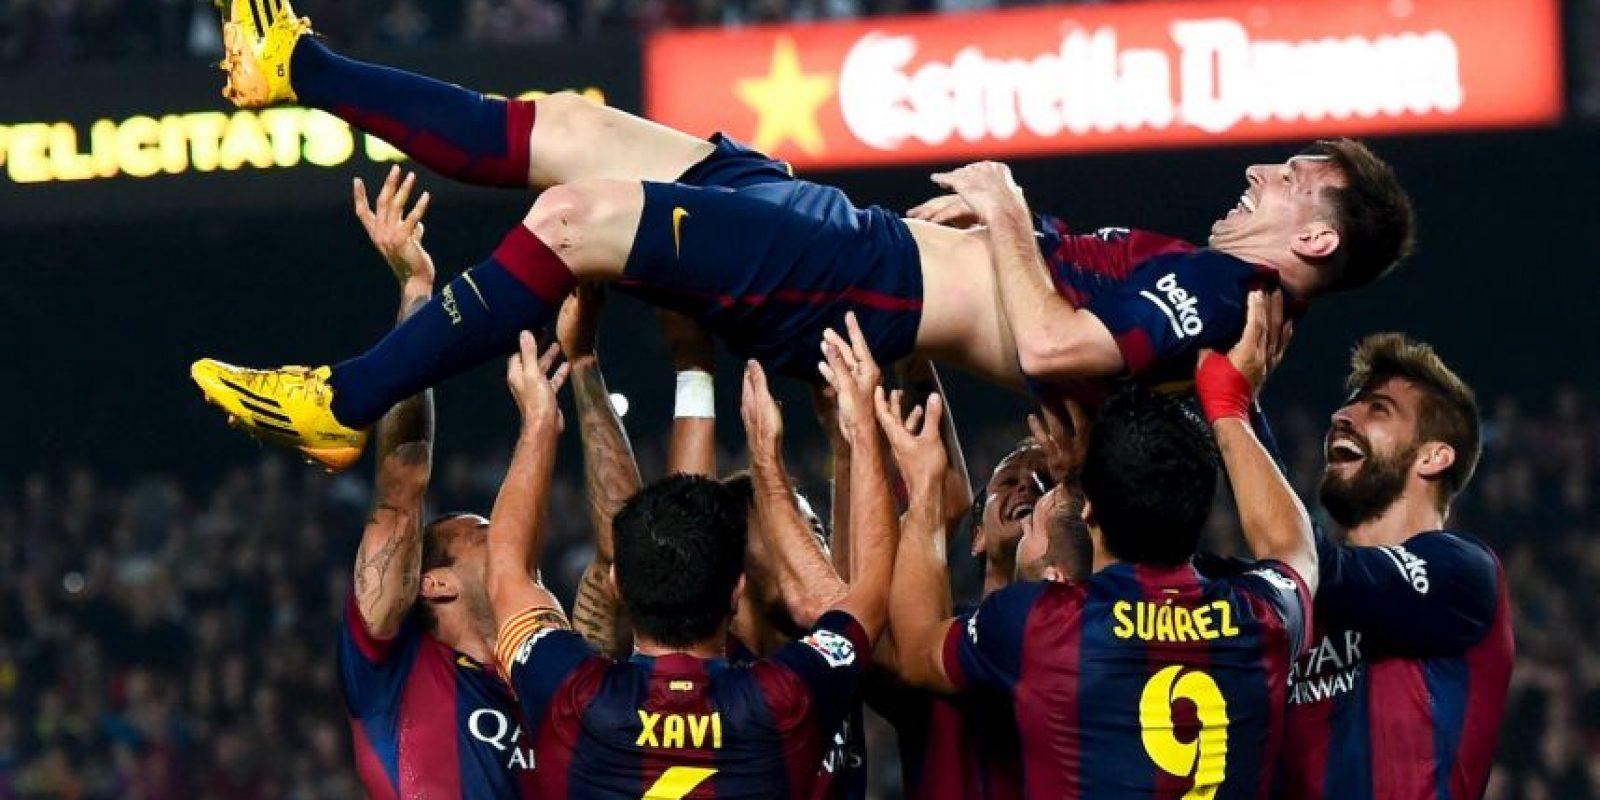 Luego de que España ganara el Mundial de Sudáfrica 2010, sorprendentemente el argentino se impuso a Andrés Iniesta y Xavi Hernández Foto:Getty